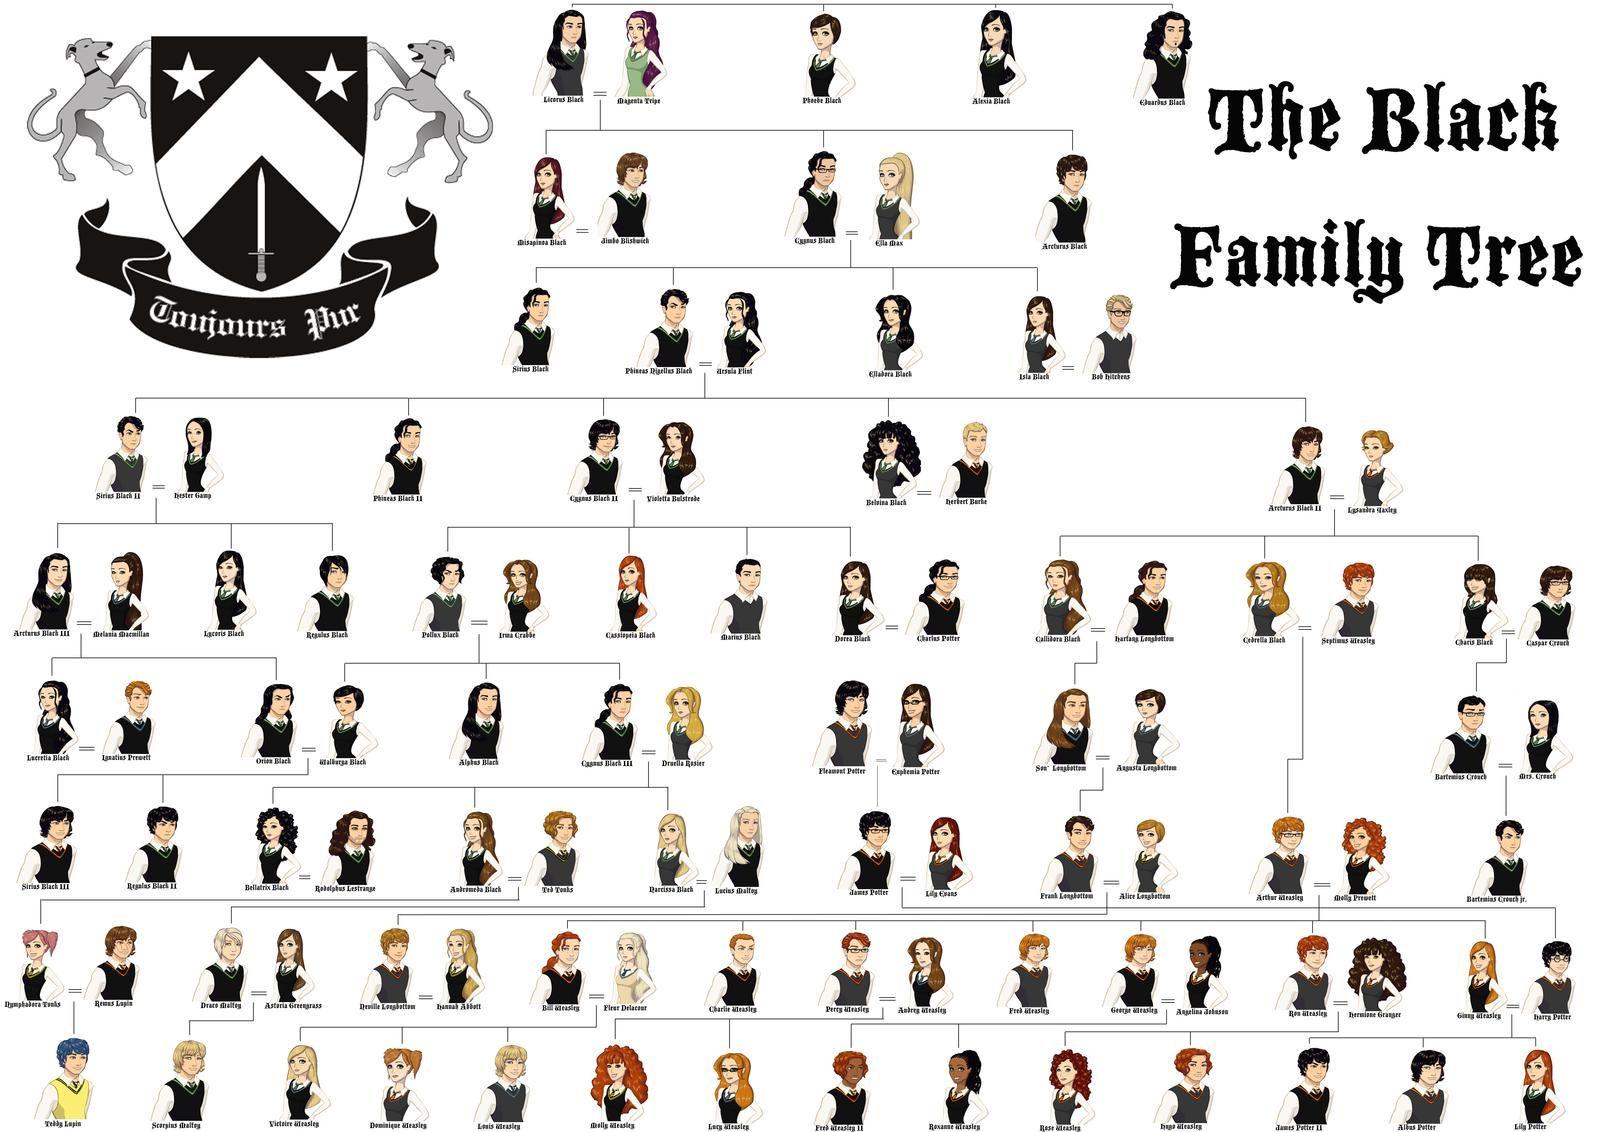 The Noble House Of Black Family Tree By Melatck On Deviantart Stammbaum Stammbaume Familienbaum